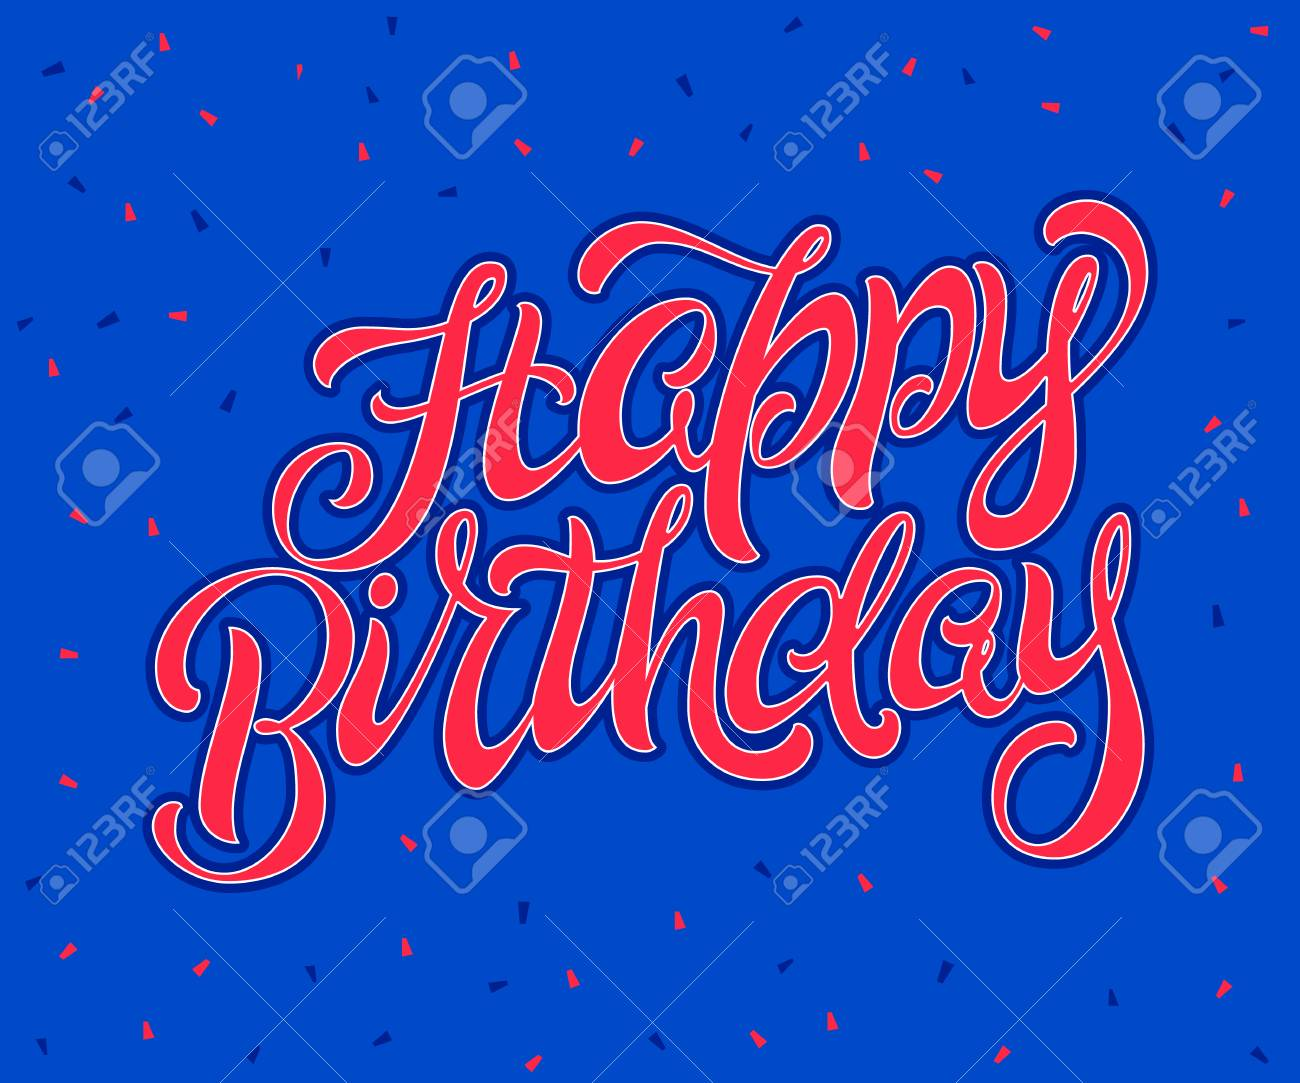 Feliz Cumpleaños Pincel Script Estilo Mano Deletreado Con Confeti Texto Feliz Cumpleaños Para Tarjeta Banner Invitación Arte Vectorial